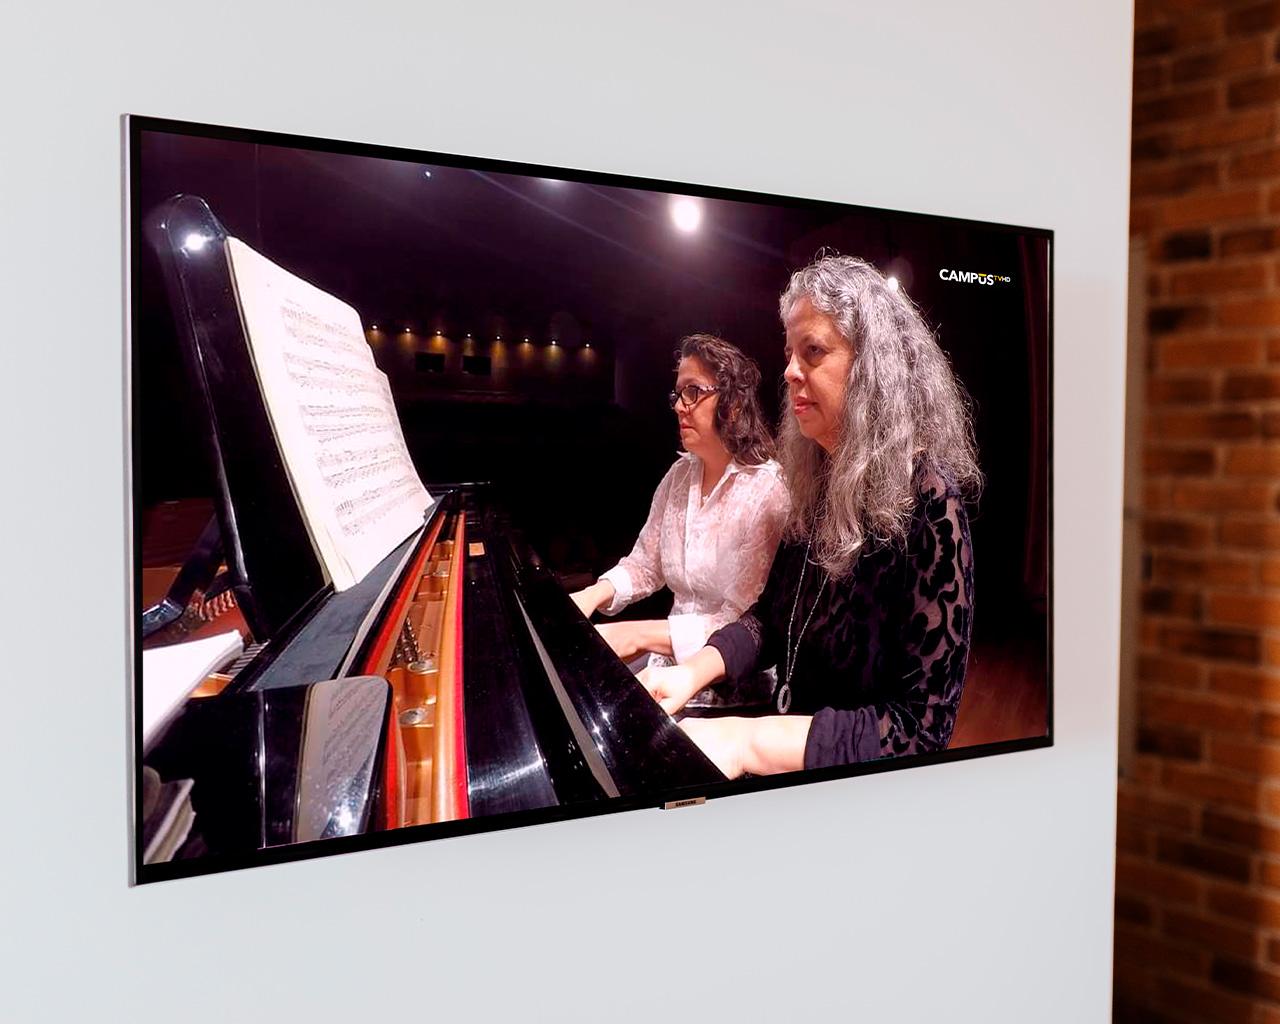 """Extensión UTalca invita a revivir conciertos """"Mujeres en la Música"""" a través de Campus TV"""